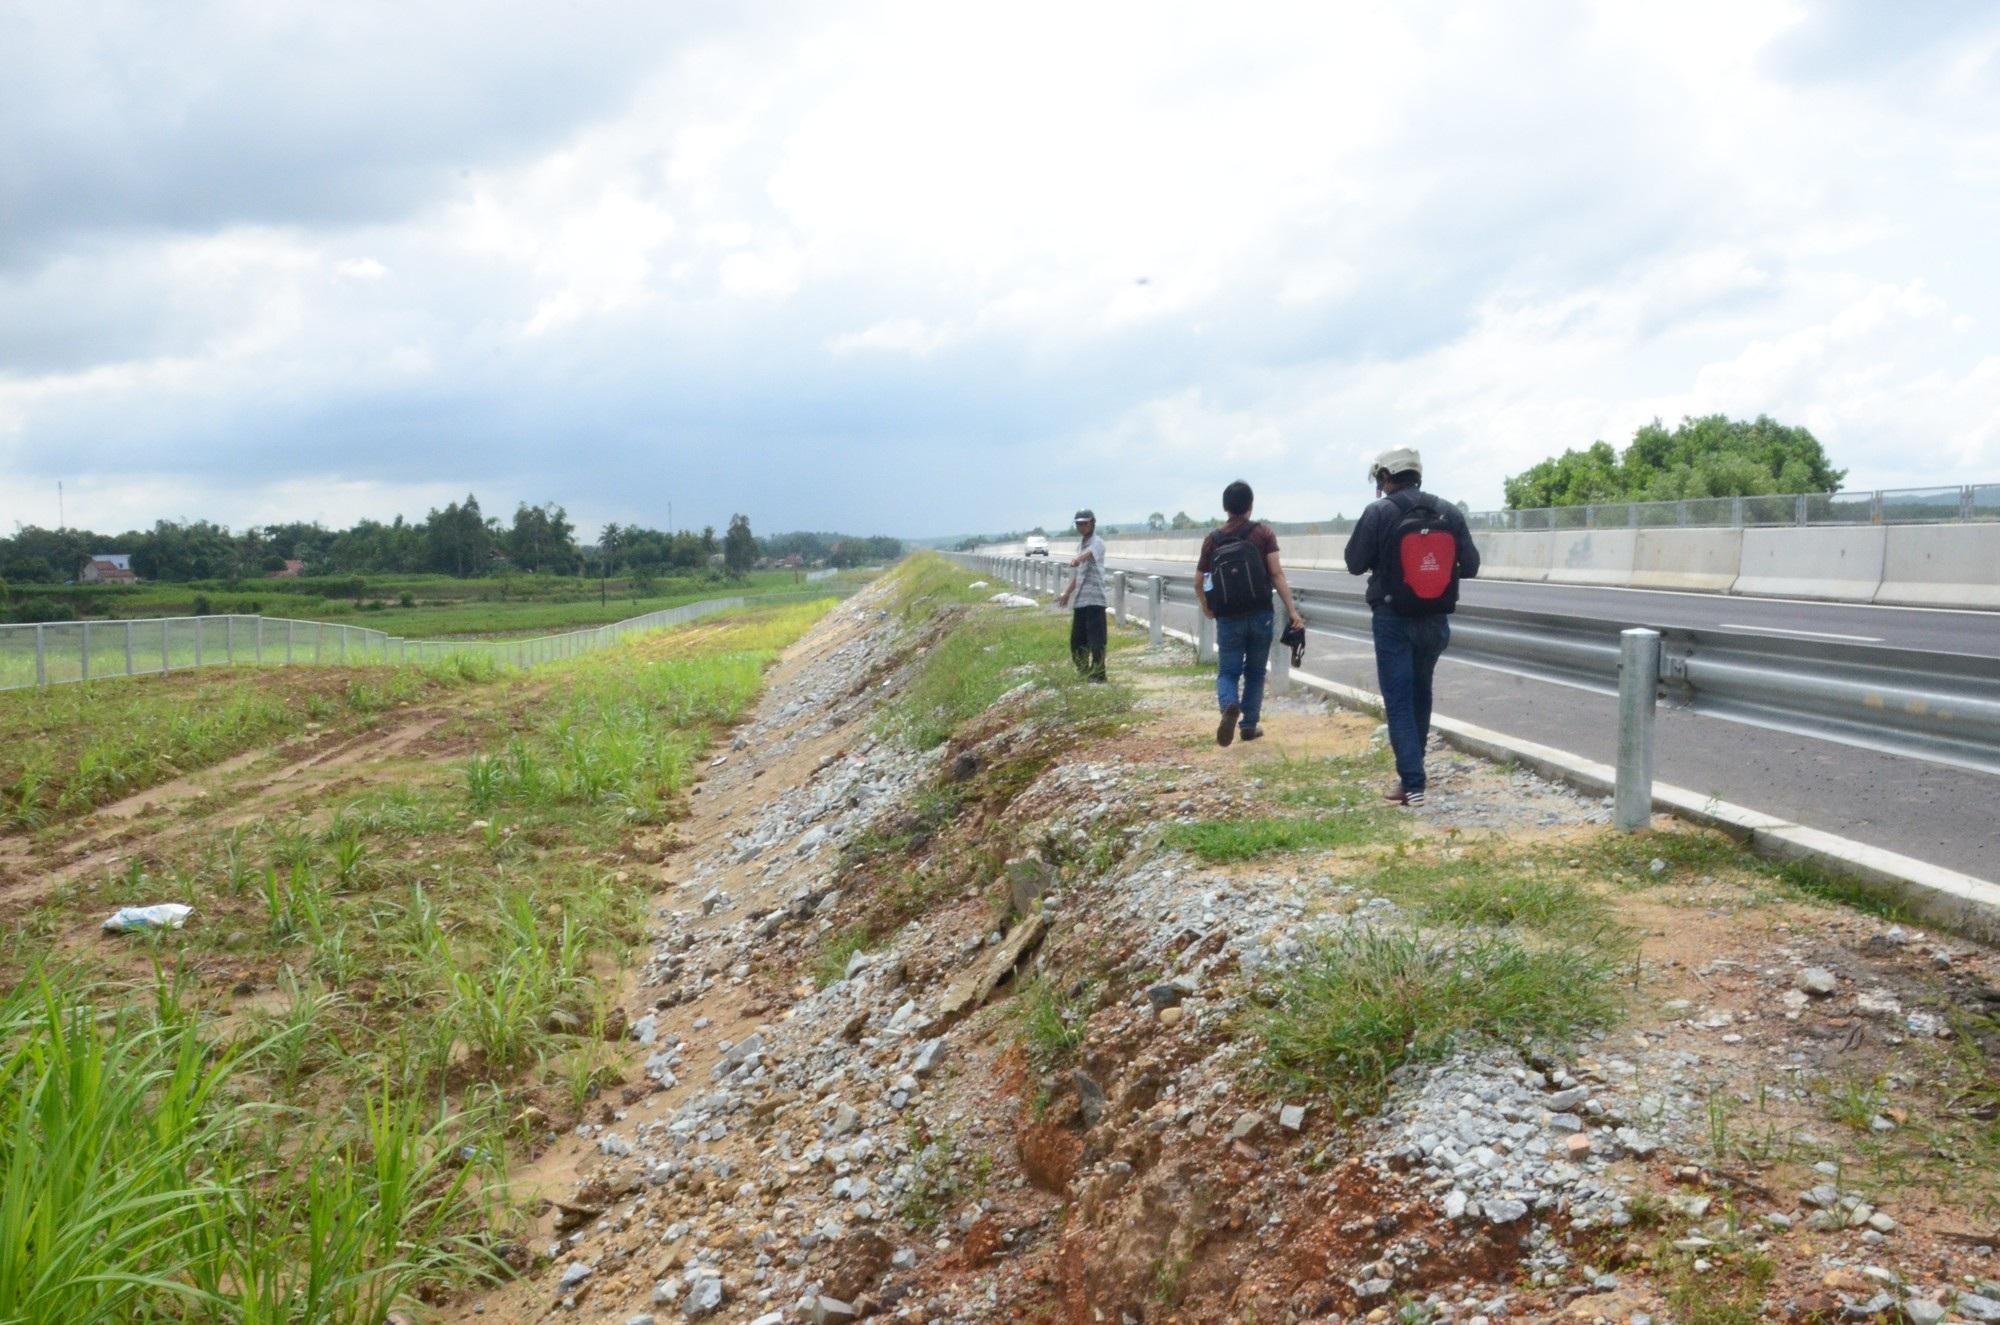 Cao tốc Đà Nẵng - Quảng Ngãi: Bê tông mái taluy vỡ vụn - Ảnh 7.